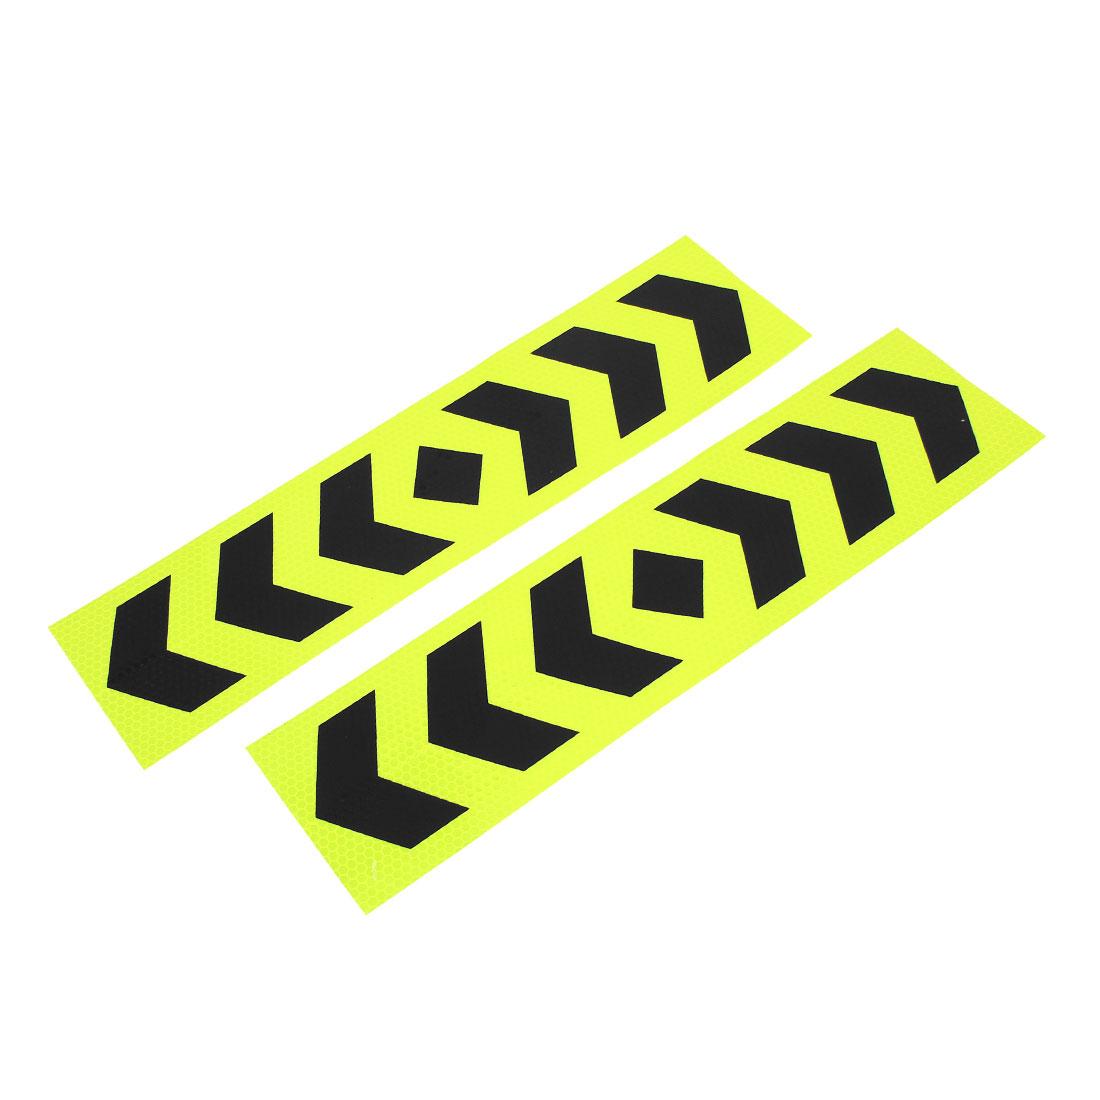 paire adhésif voiture réfléchissant bande bande sécurité étiquette jaune noir